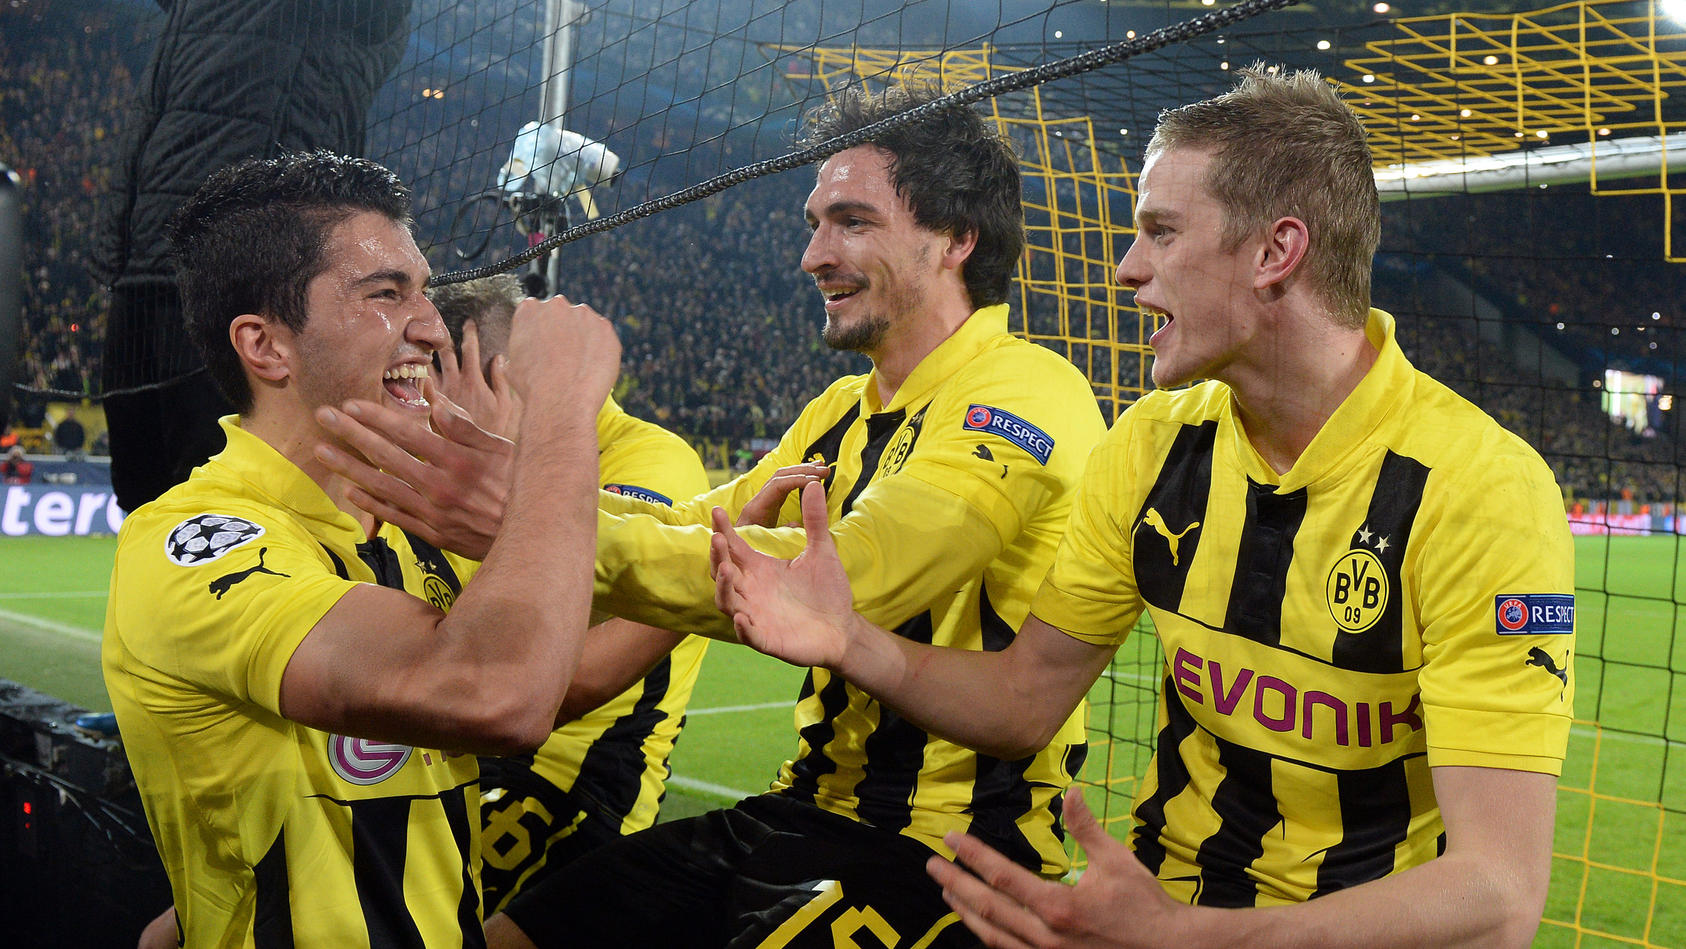 Borussia Dortmund  hatte auf dem Weg ins Champions-League-Endspiel 2013 bange Minuten zu überstehen